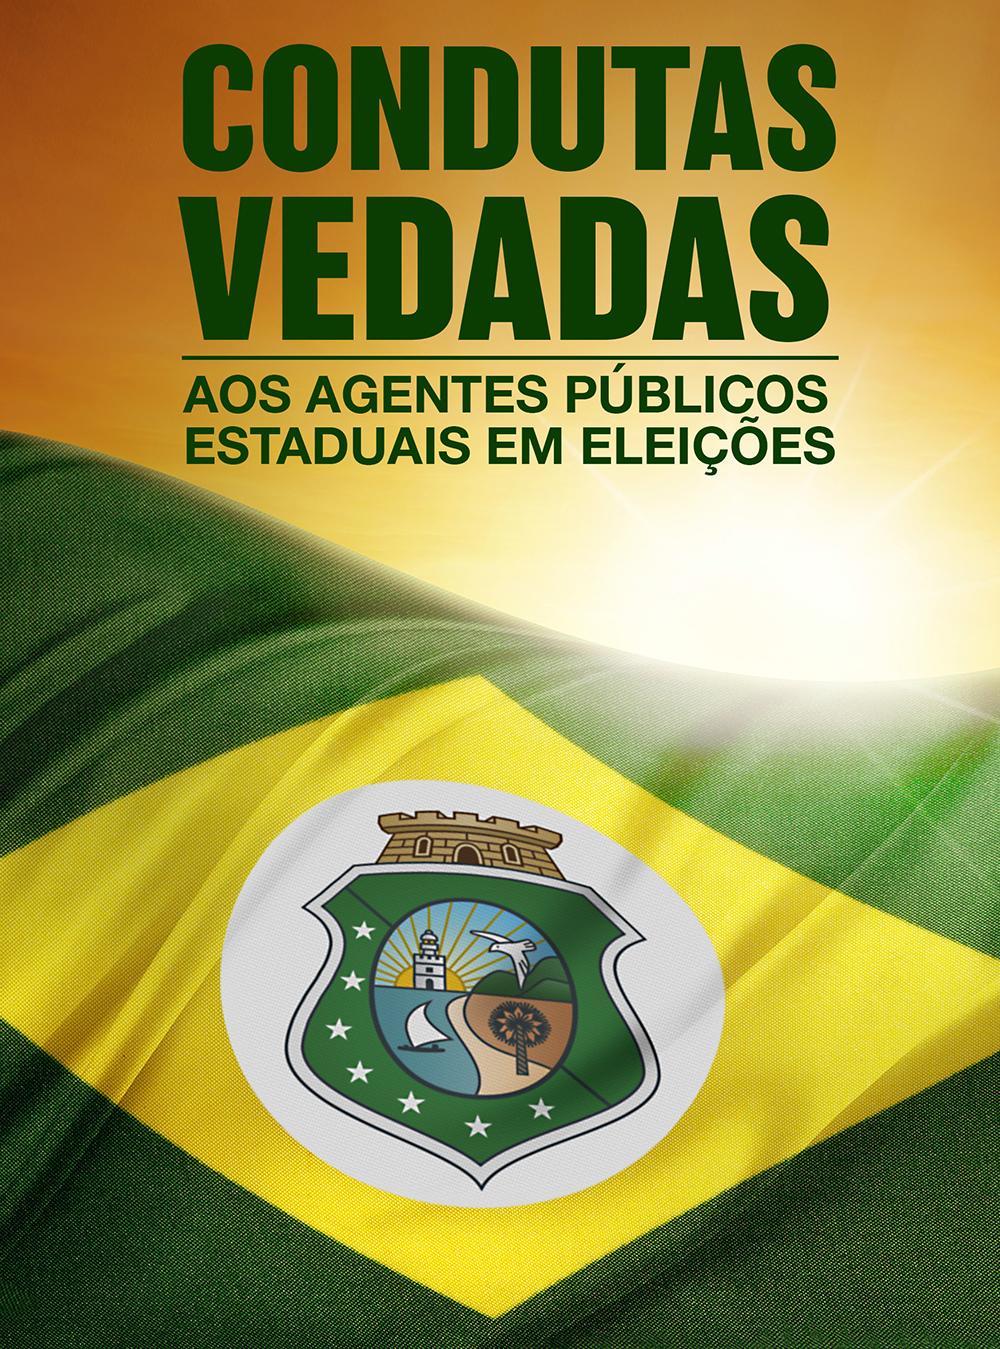 Link para a lista dos últimos avisos de pauta disponibilizados pela assessoria de imprensa do Governo do Ceará